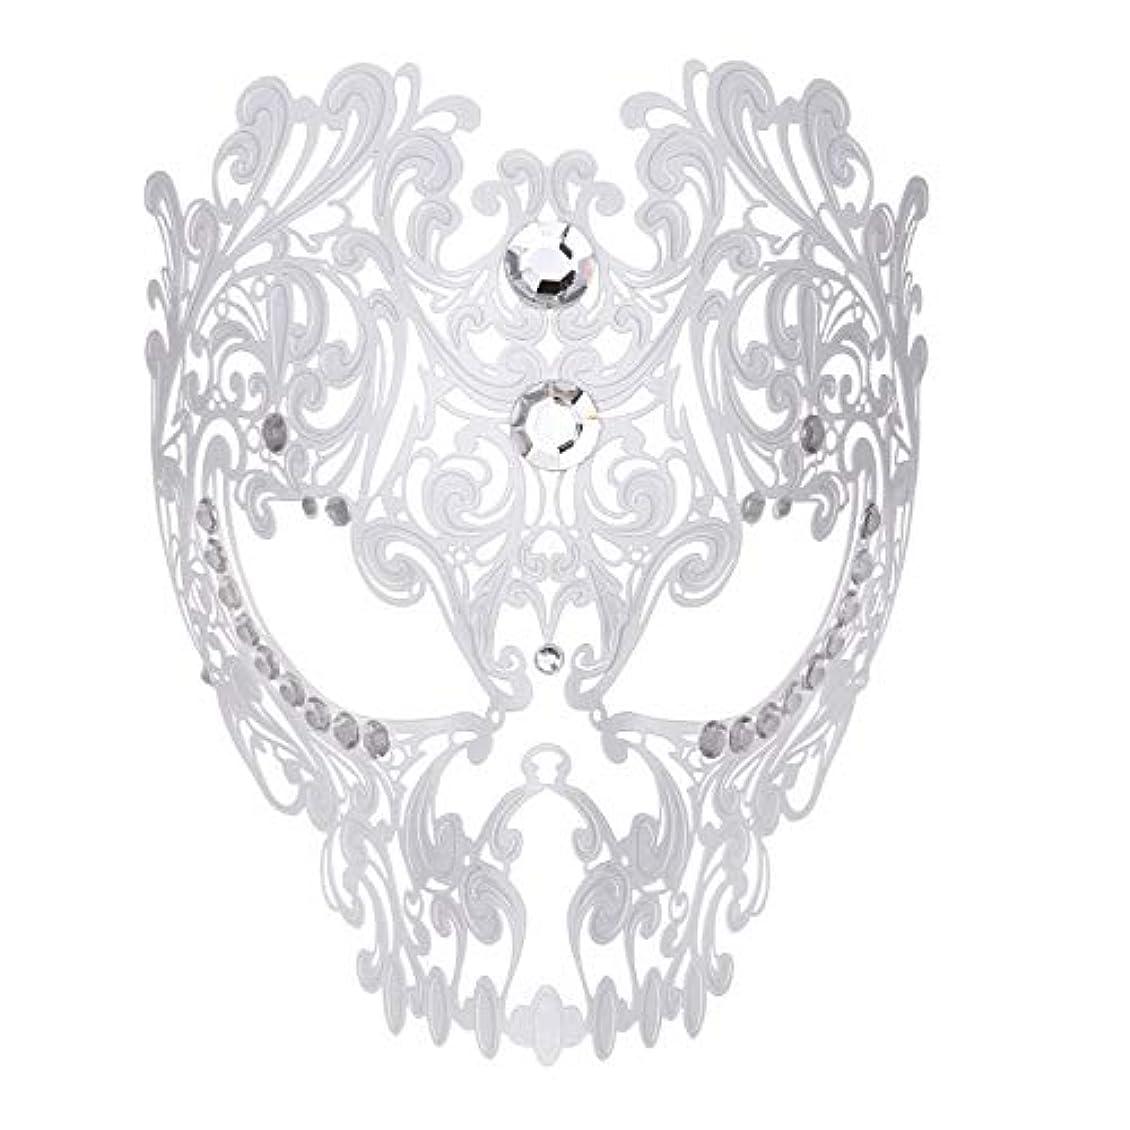 オーロックフルーツ鹿ダンスマスク フルフェイスエナメル金属象眼細工中空マスクナイトクラブパーティーロールプレイングマスカレードマスク ホリデーパーティー用品 (色 : 白, サイズ : Universal)